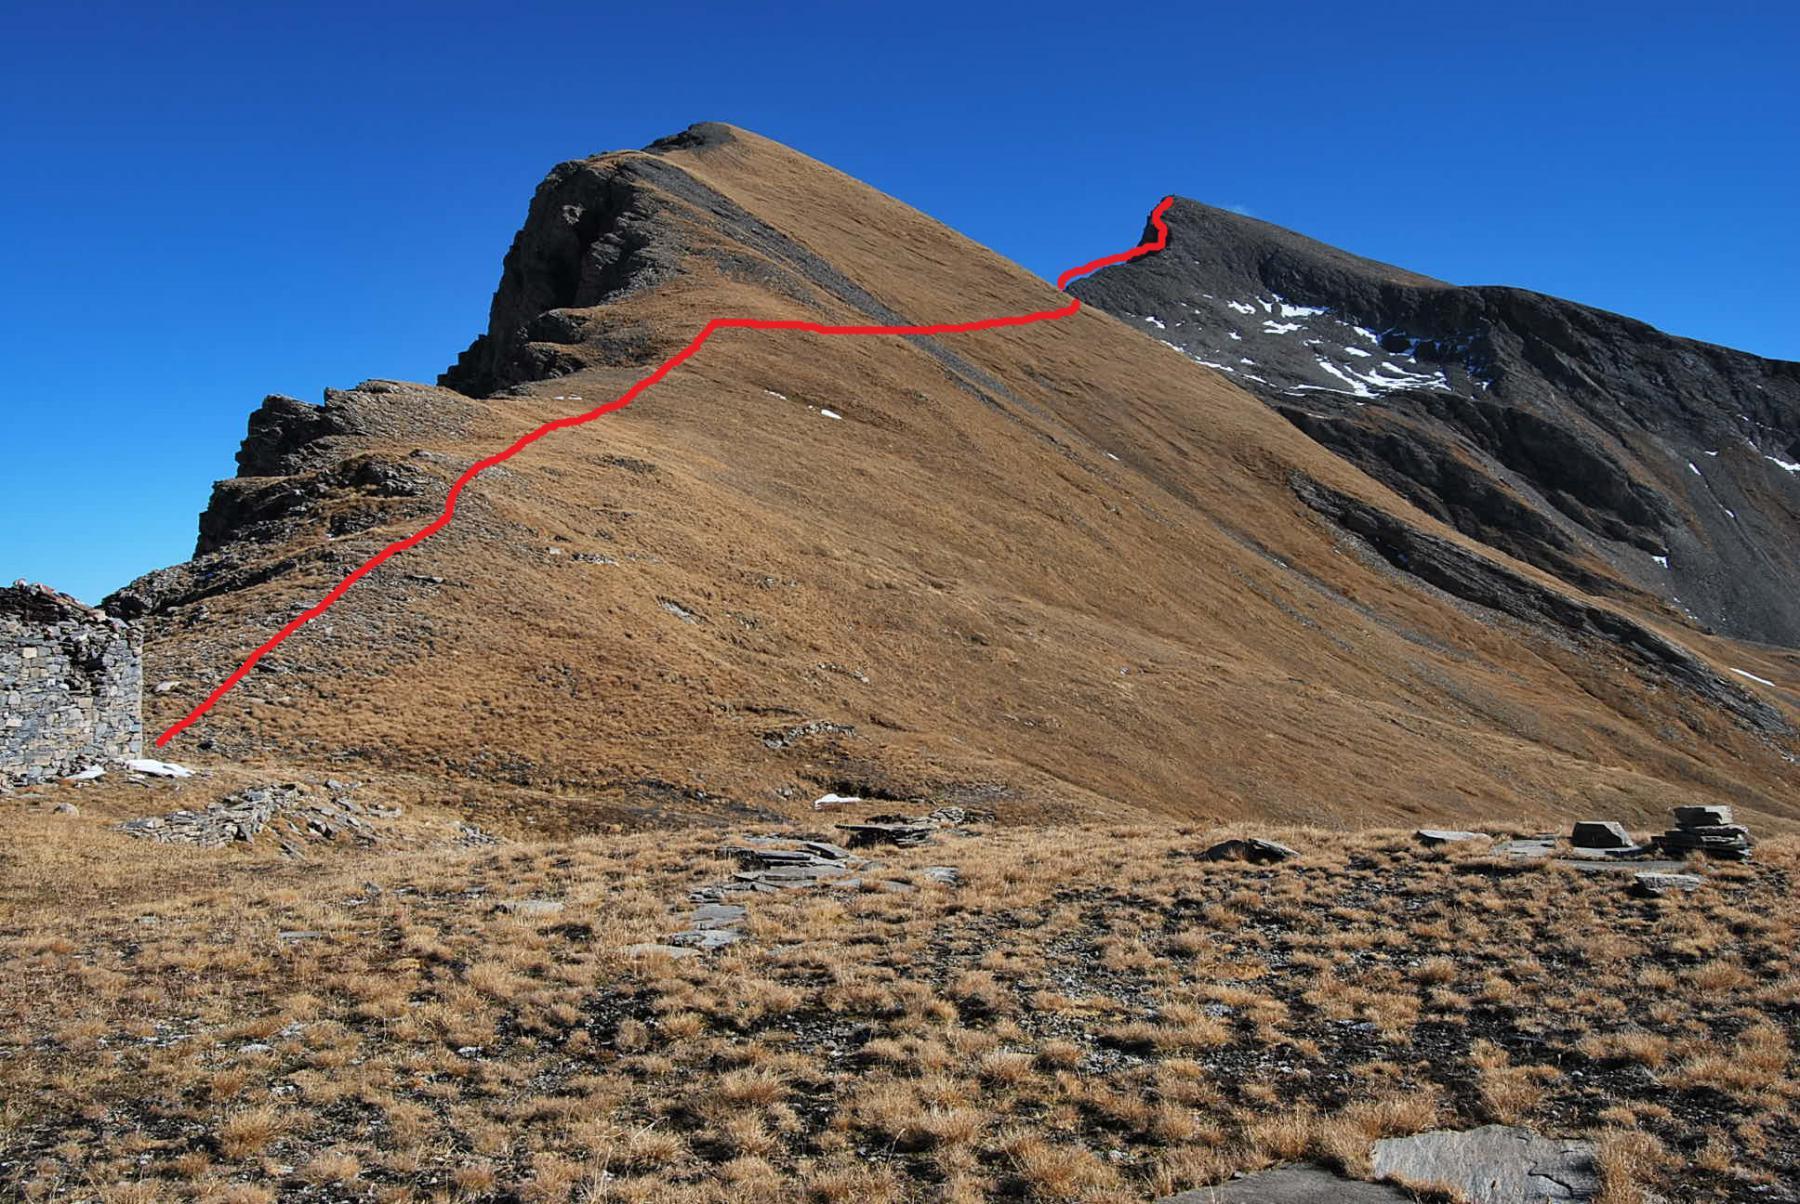 La meta vista dal Colle e la via di salita. Non visibili i canaloni tra il pendio erboso ed i colletti sotto la vetta